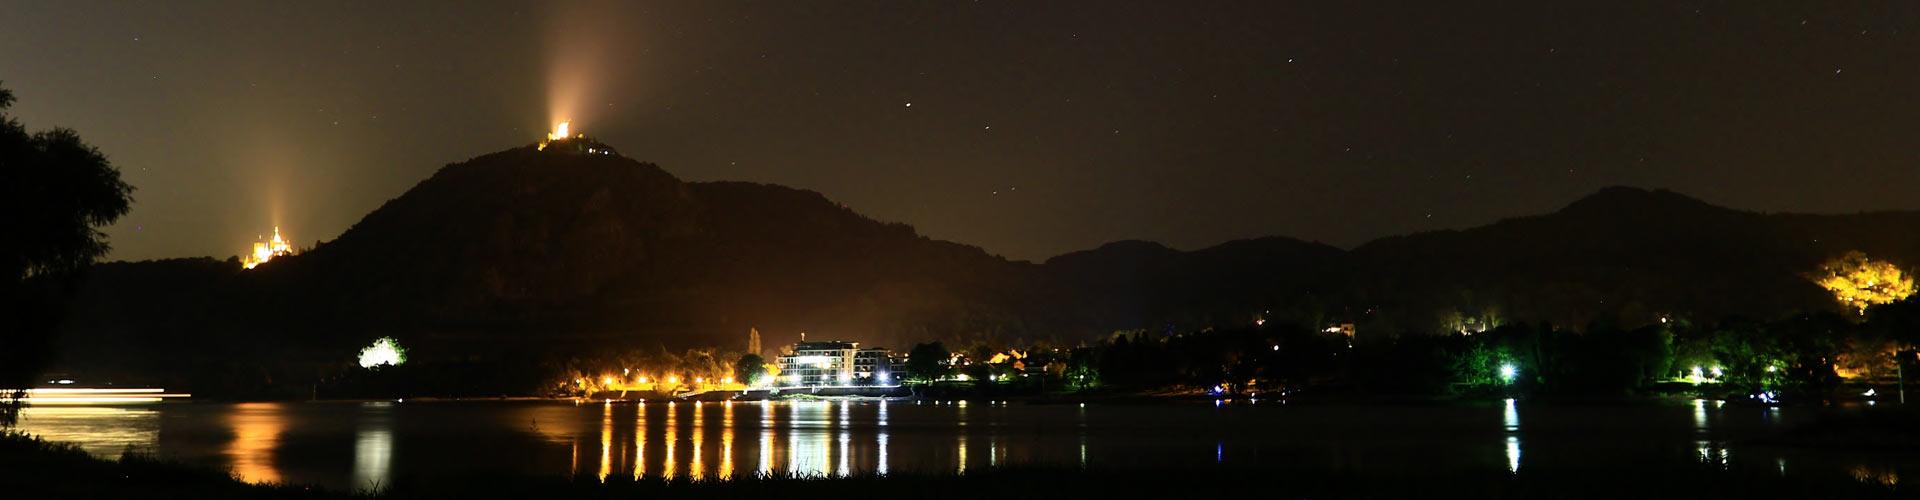 Siebengebirge bei Nacht - RHEIN-AHR-MARSCH